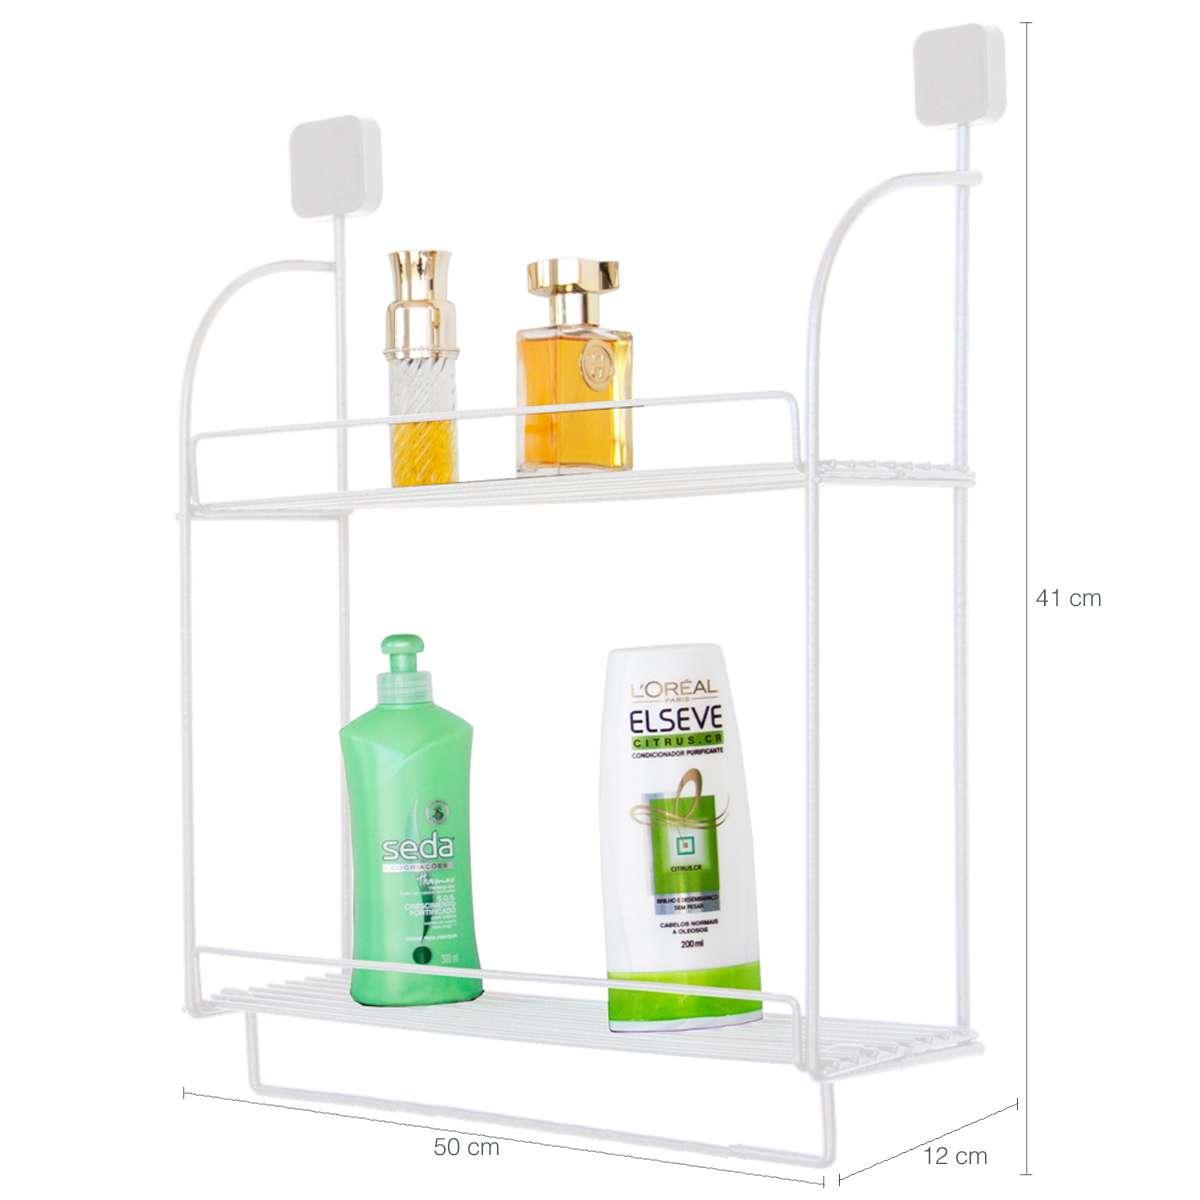 ed9dd439d ... Acessórios para Banheiro · Suportes Para Shampoo. Cadastro realizado  com sucesso.  Imagens meramente ilustrativas